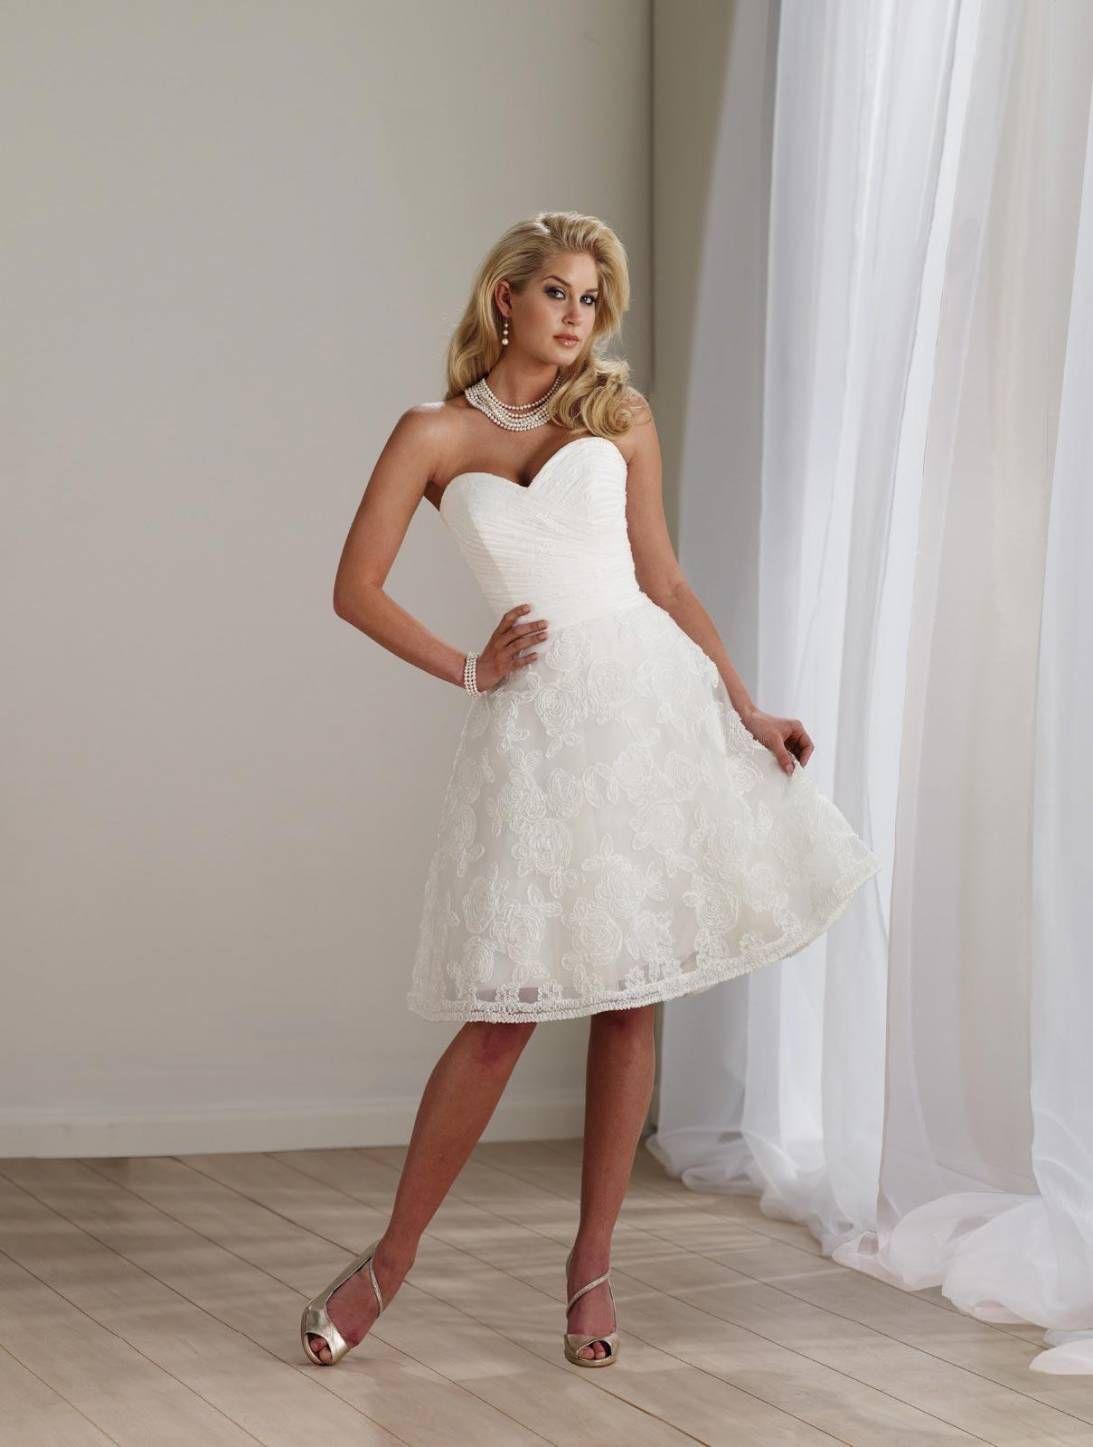 100 Sweetheart Neckline Short Wedding Dress Cold Shoulder Dresses For Check More At